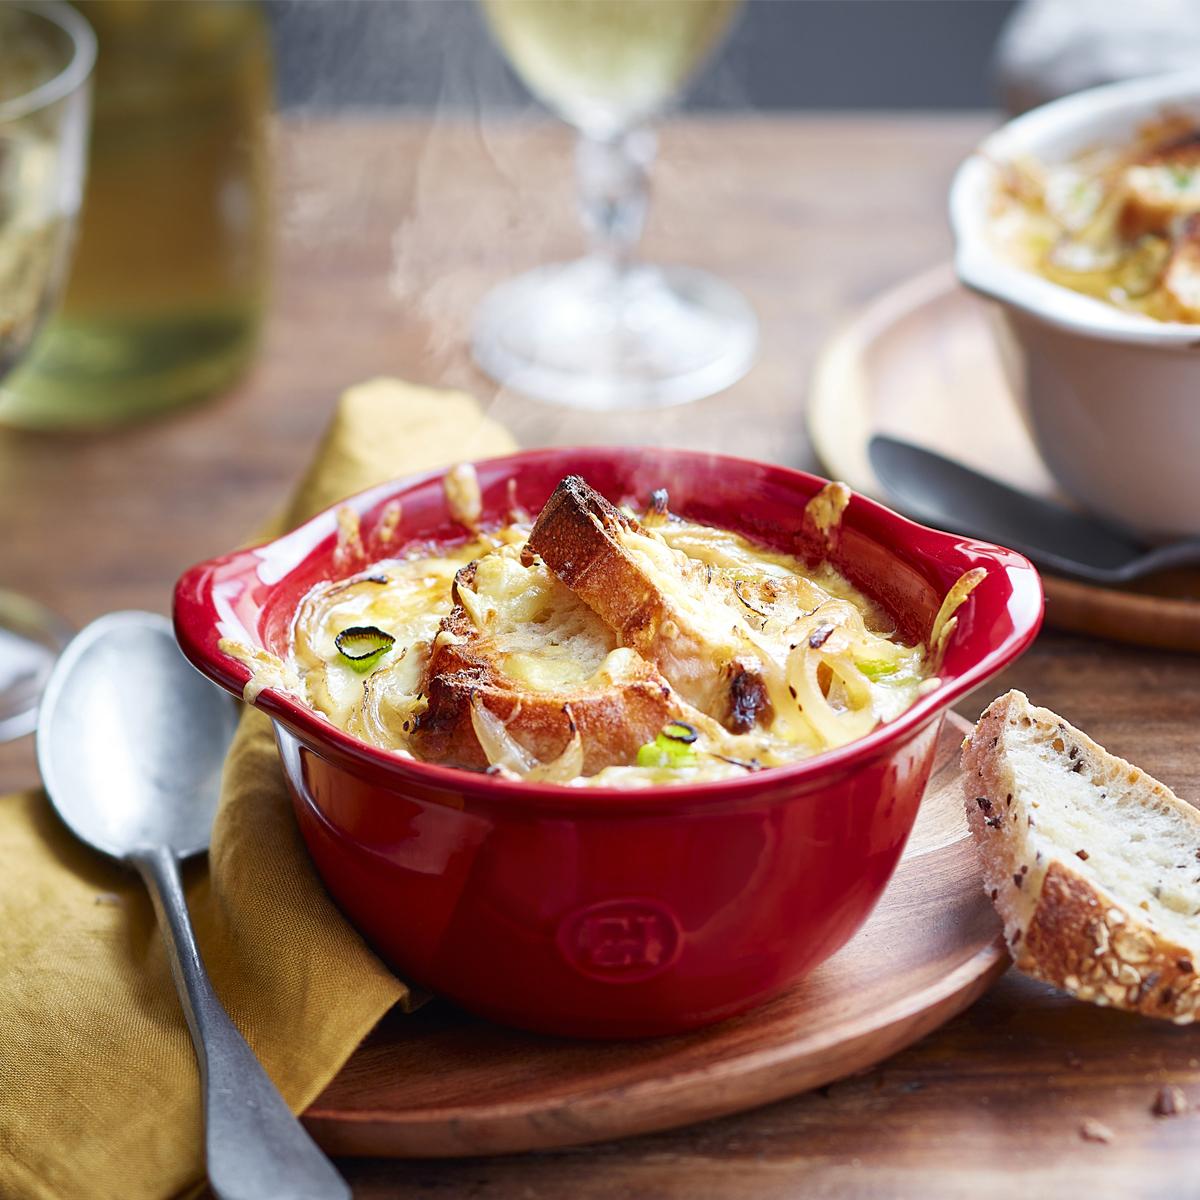 Sopa de cebola, chili com carne ou mac'n cheese — servidos em bowls para gratinar, a deliciosa crosta dourada está à sua disposição!